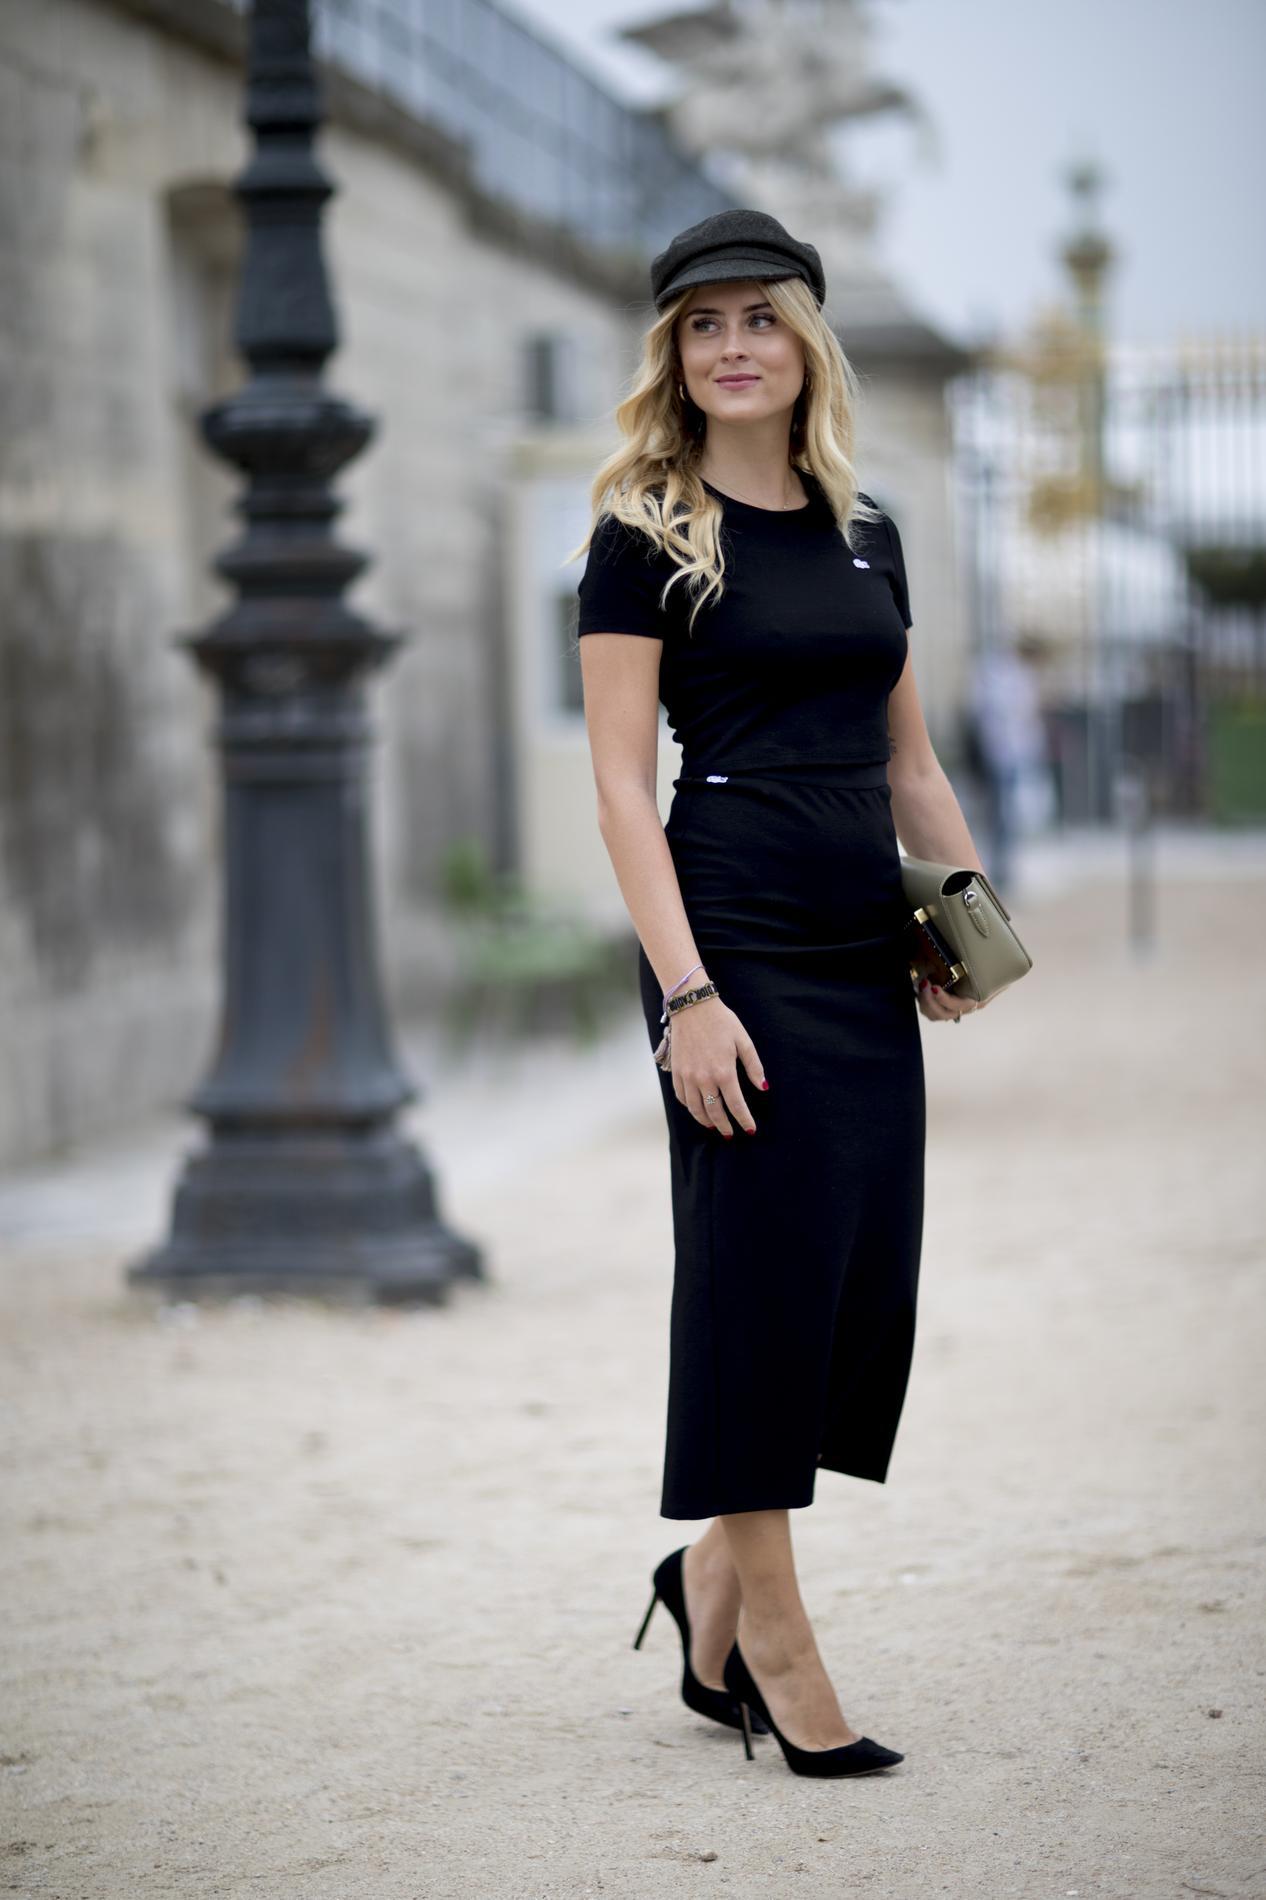 grossiste b01cb 2c137 Béret ou casquette, les Parisiennes n'en font qu'à leur tête ...